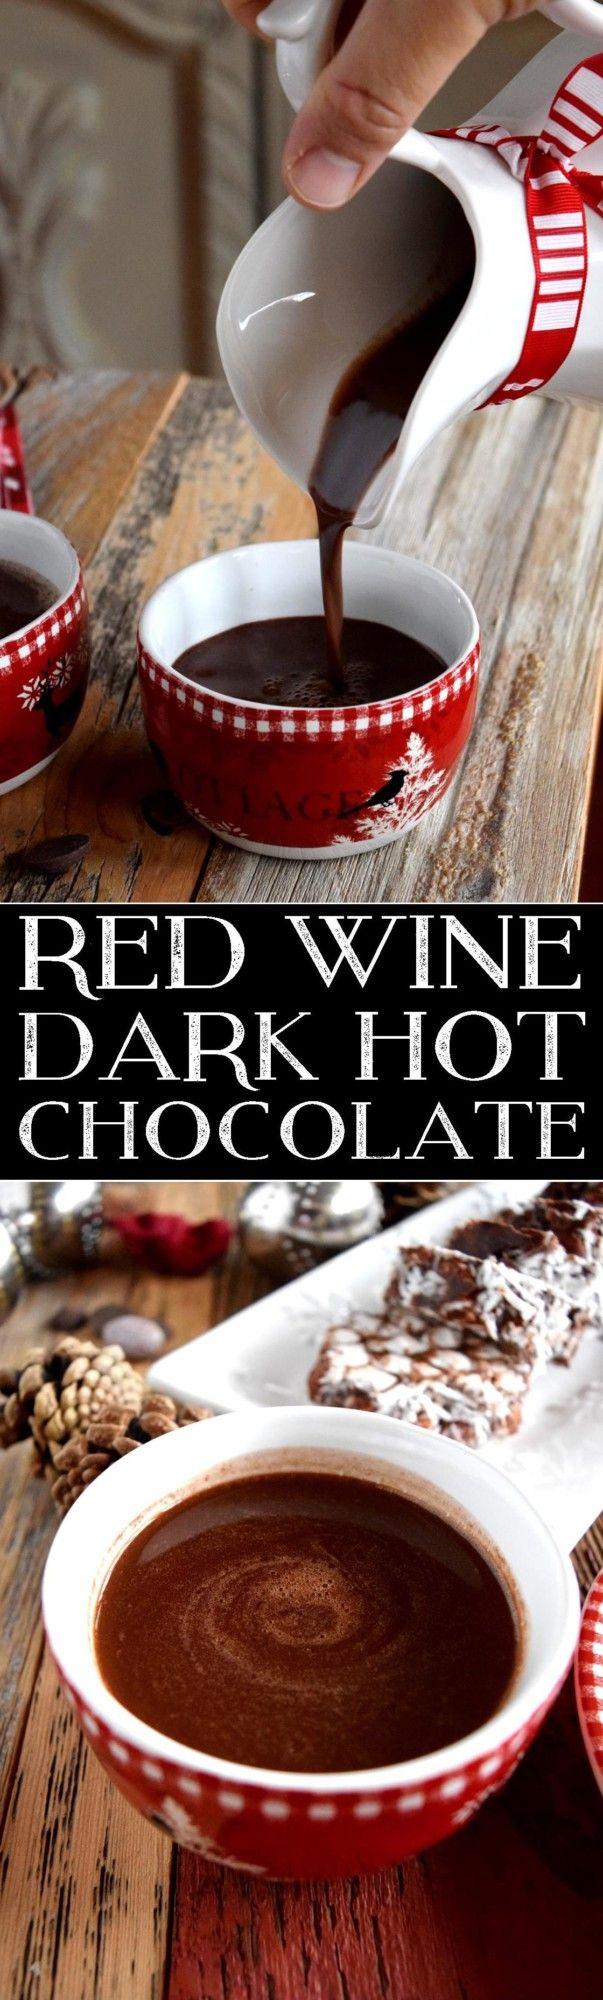 red-wine-dark-hot-chocolate